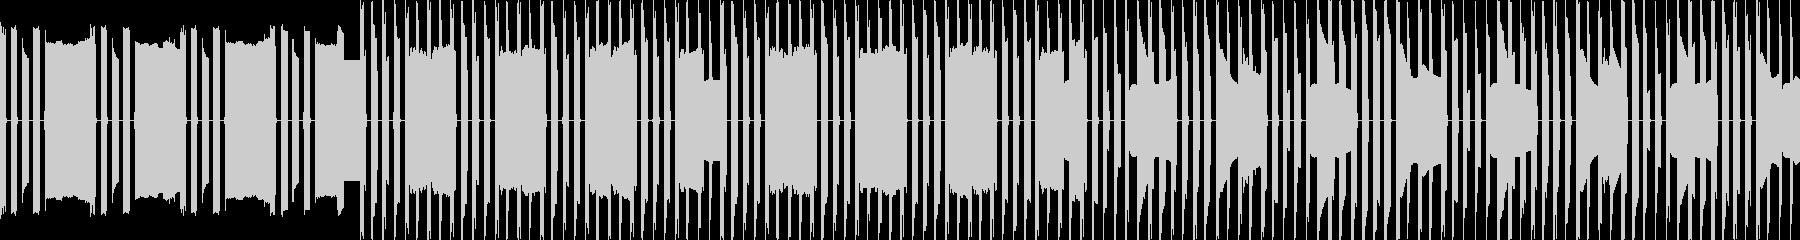 おとぎの国のような不思議な8bitの曲の未再生の波形